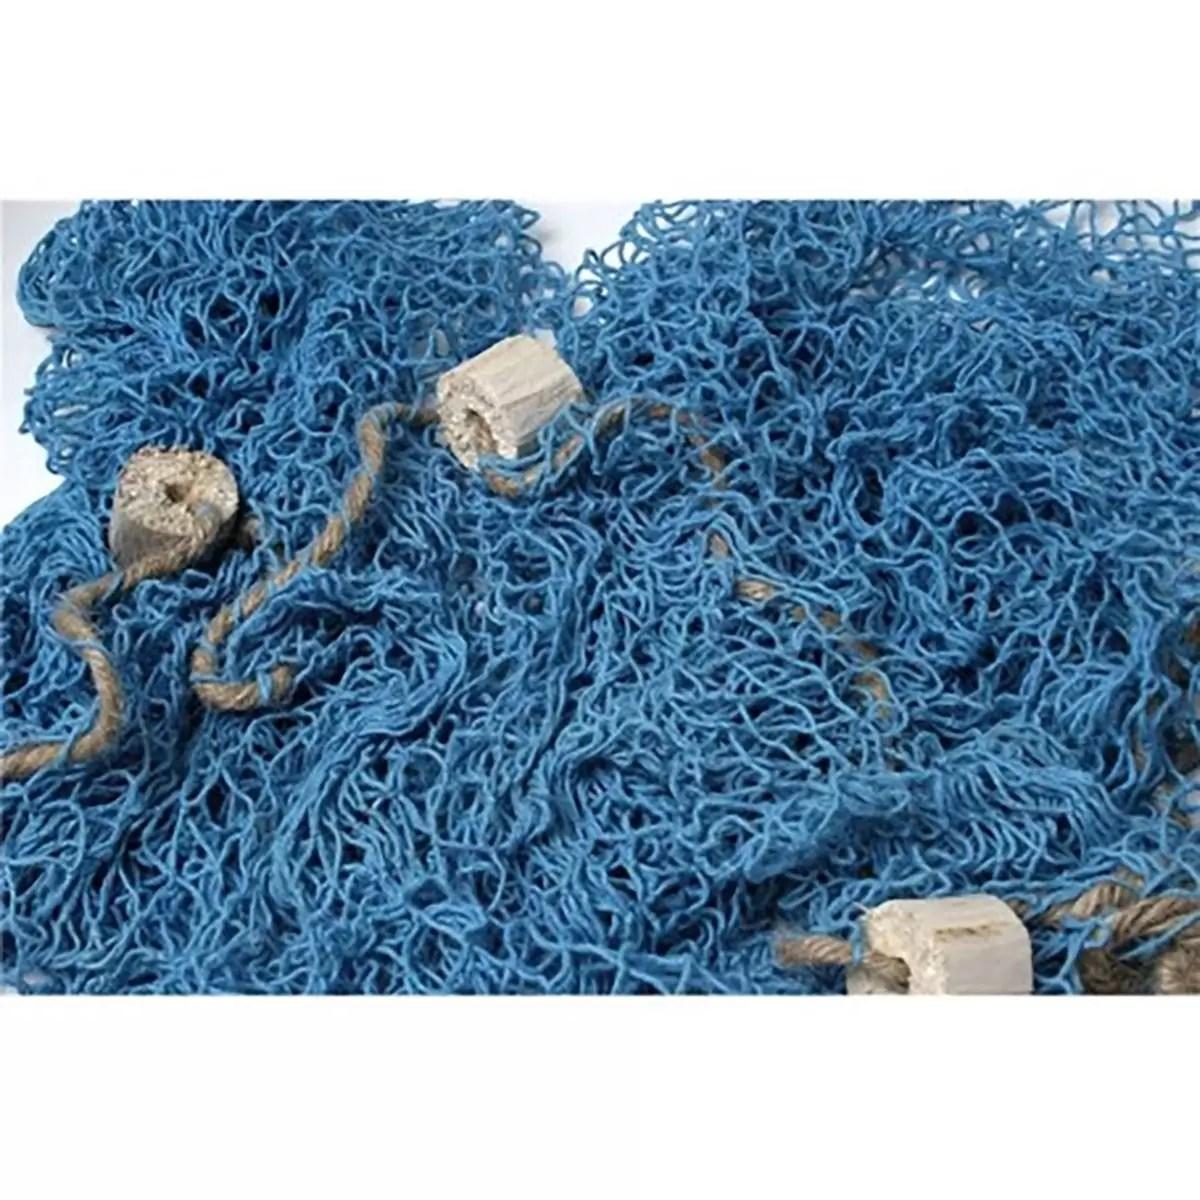 Dekorációs háló 170 x 170 cm kék Dekorációs háló